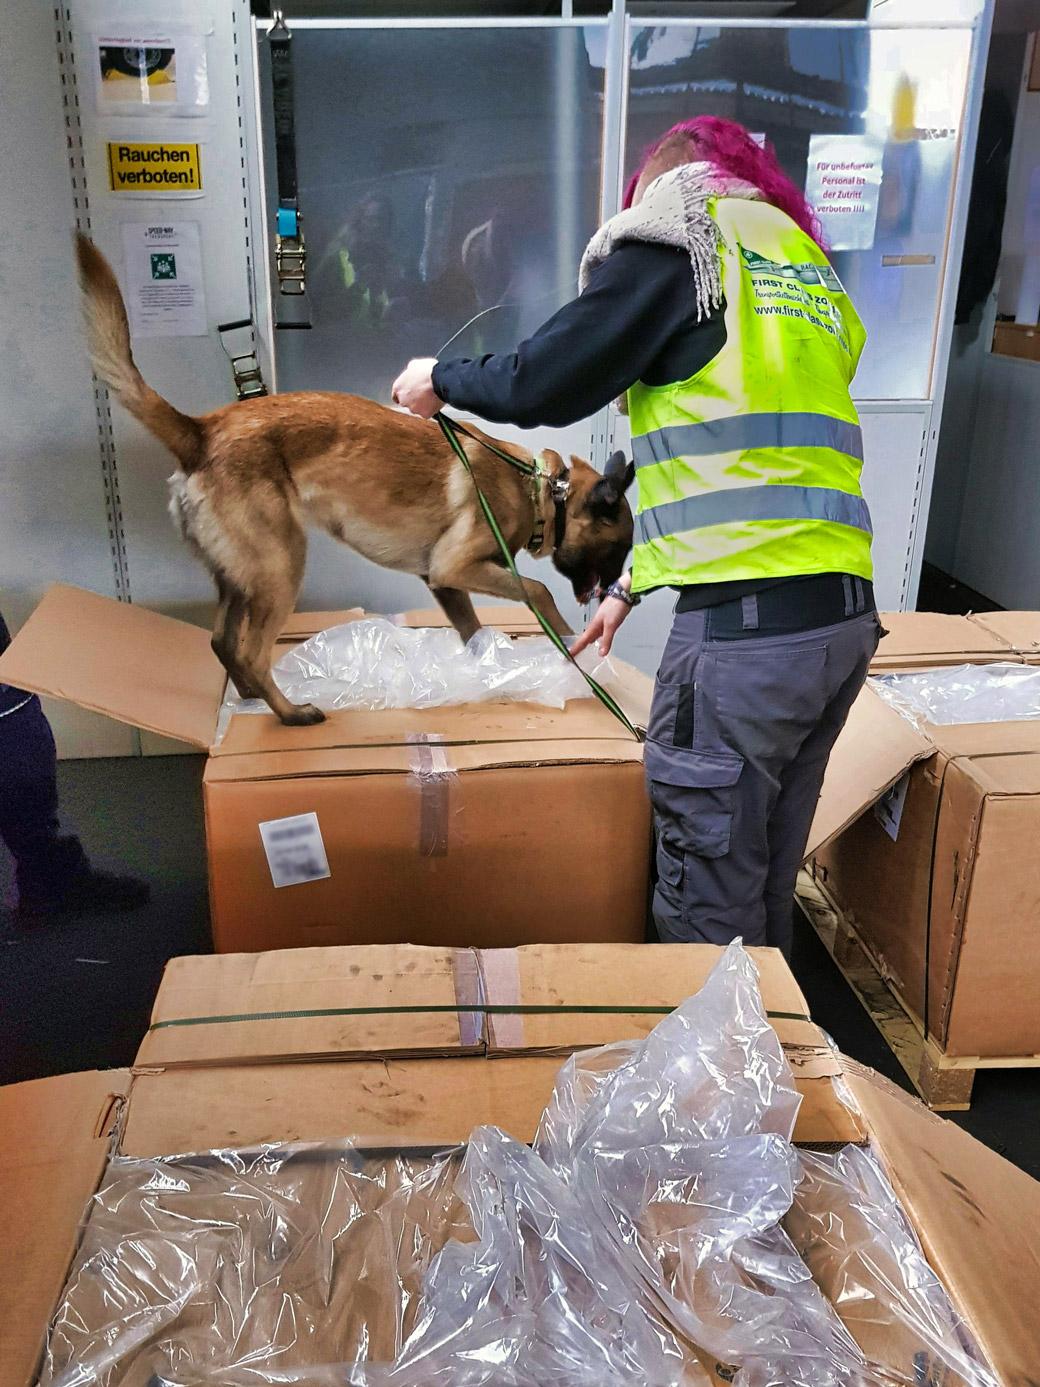 Sprengstoffspürhund untersucht Pakete, deren Verpackungsfolie geöffnet wurde.